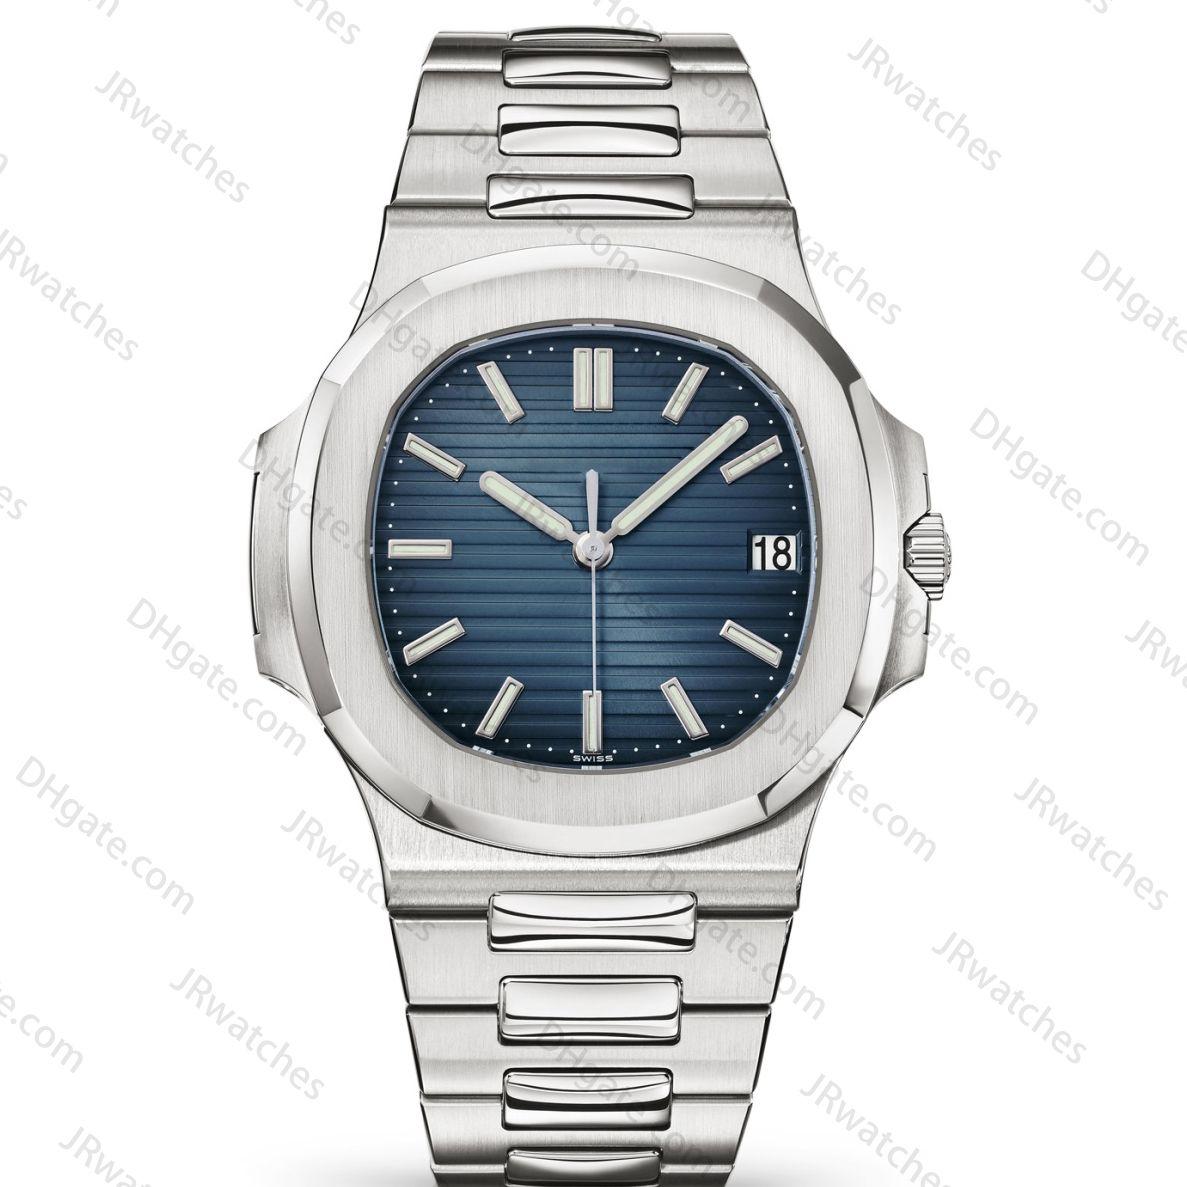 Homens do relógio de aço clássico moda cinto de calendário mecânico automático 40 mm relógio de aço inoxidável dos homens luminosa mergulho negócio 30M impermeável